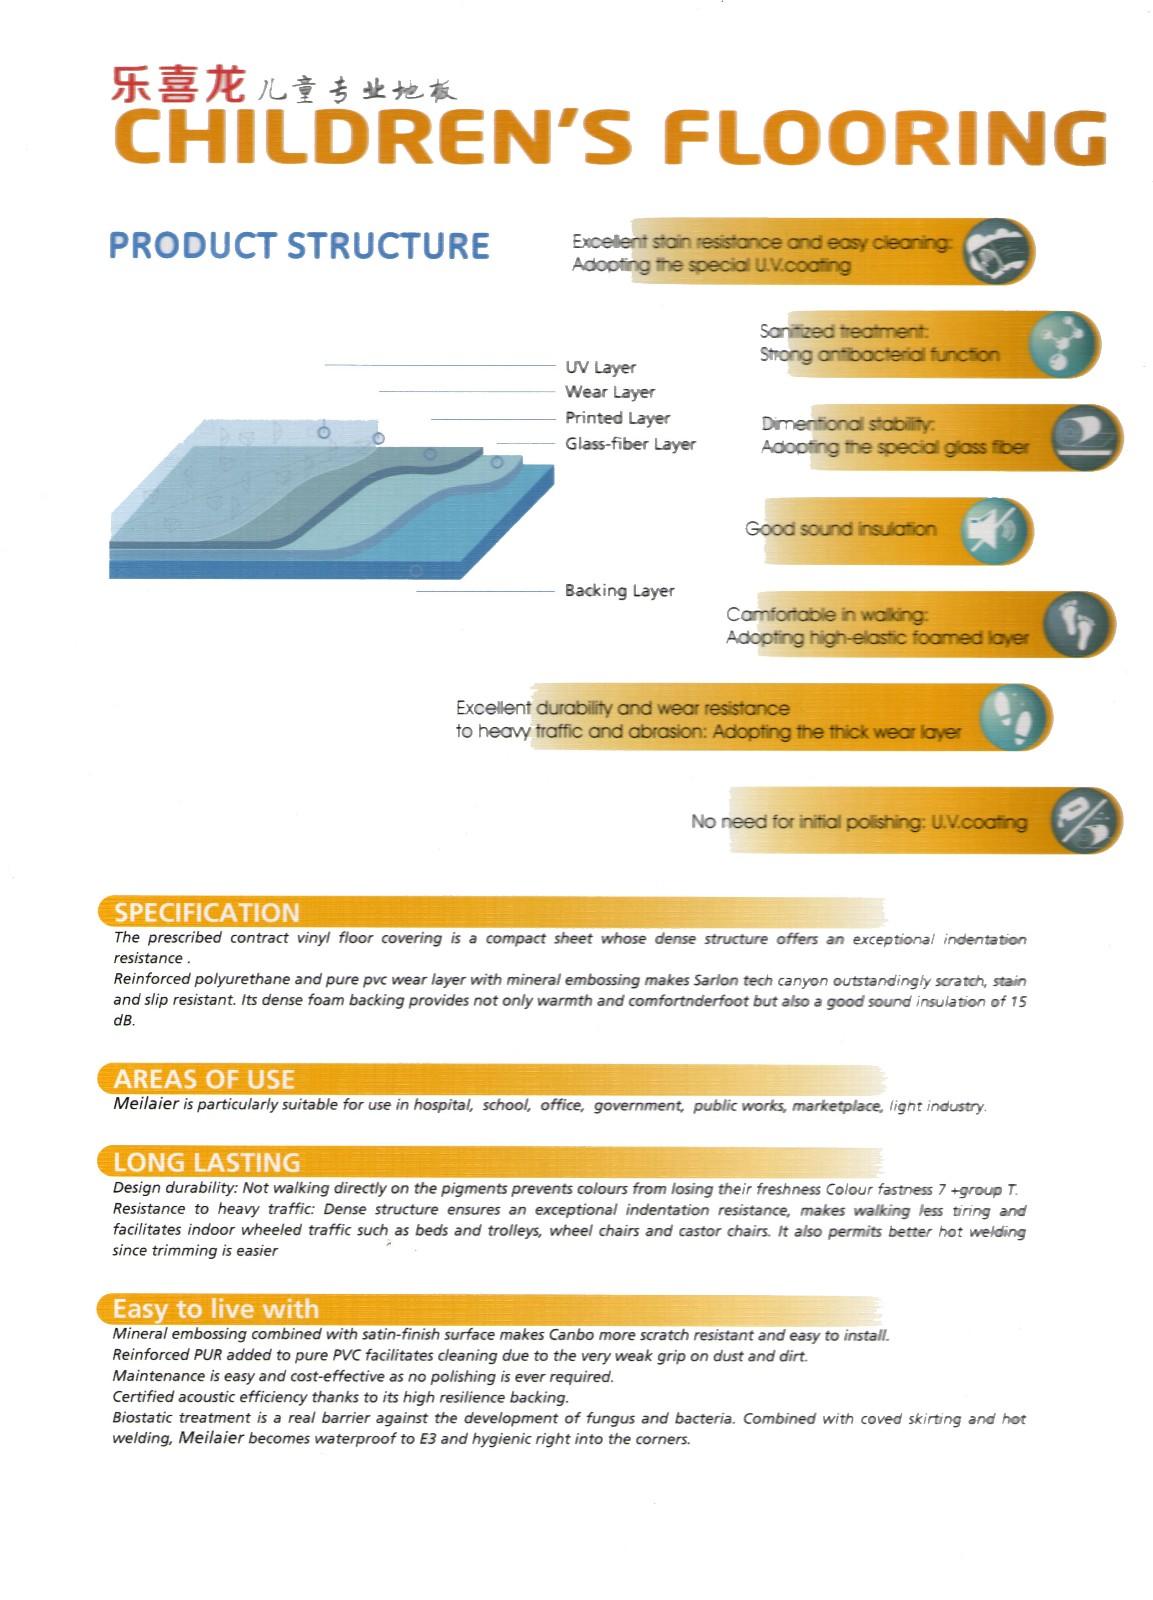 大巨龙乐喜龙PVC地板|大巨龙系列-陕西棋牌挣钱建材有限责任公司